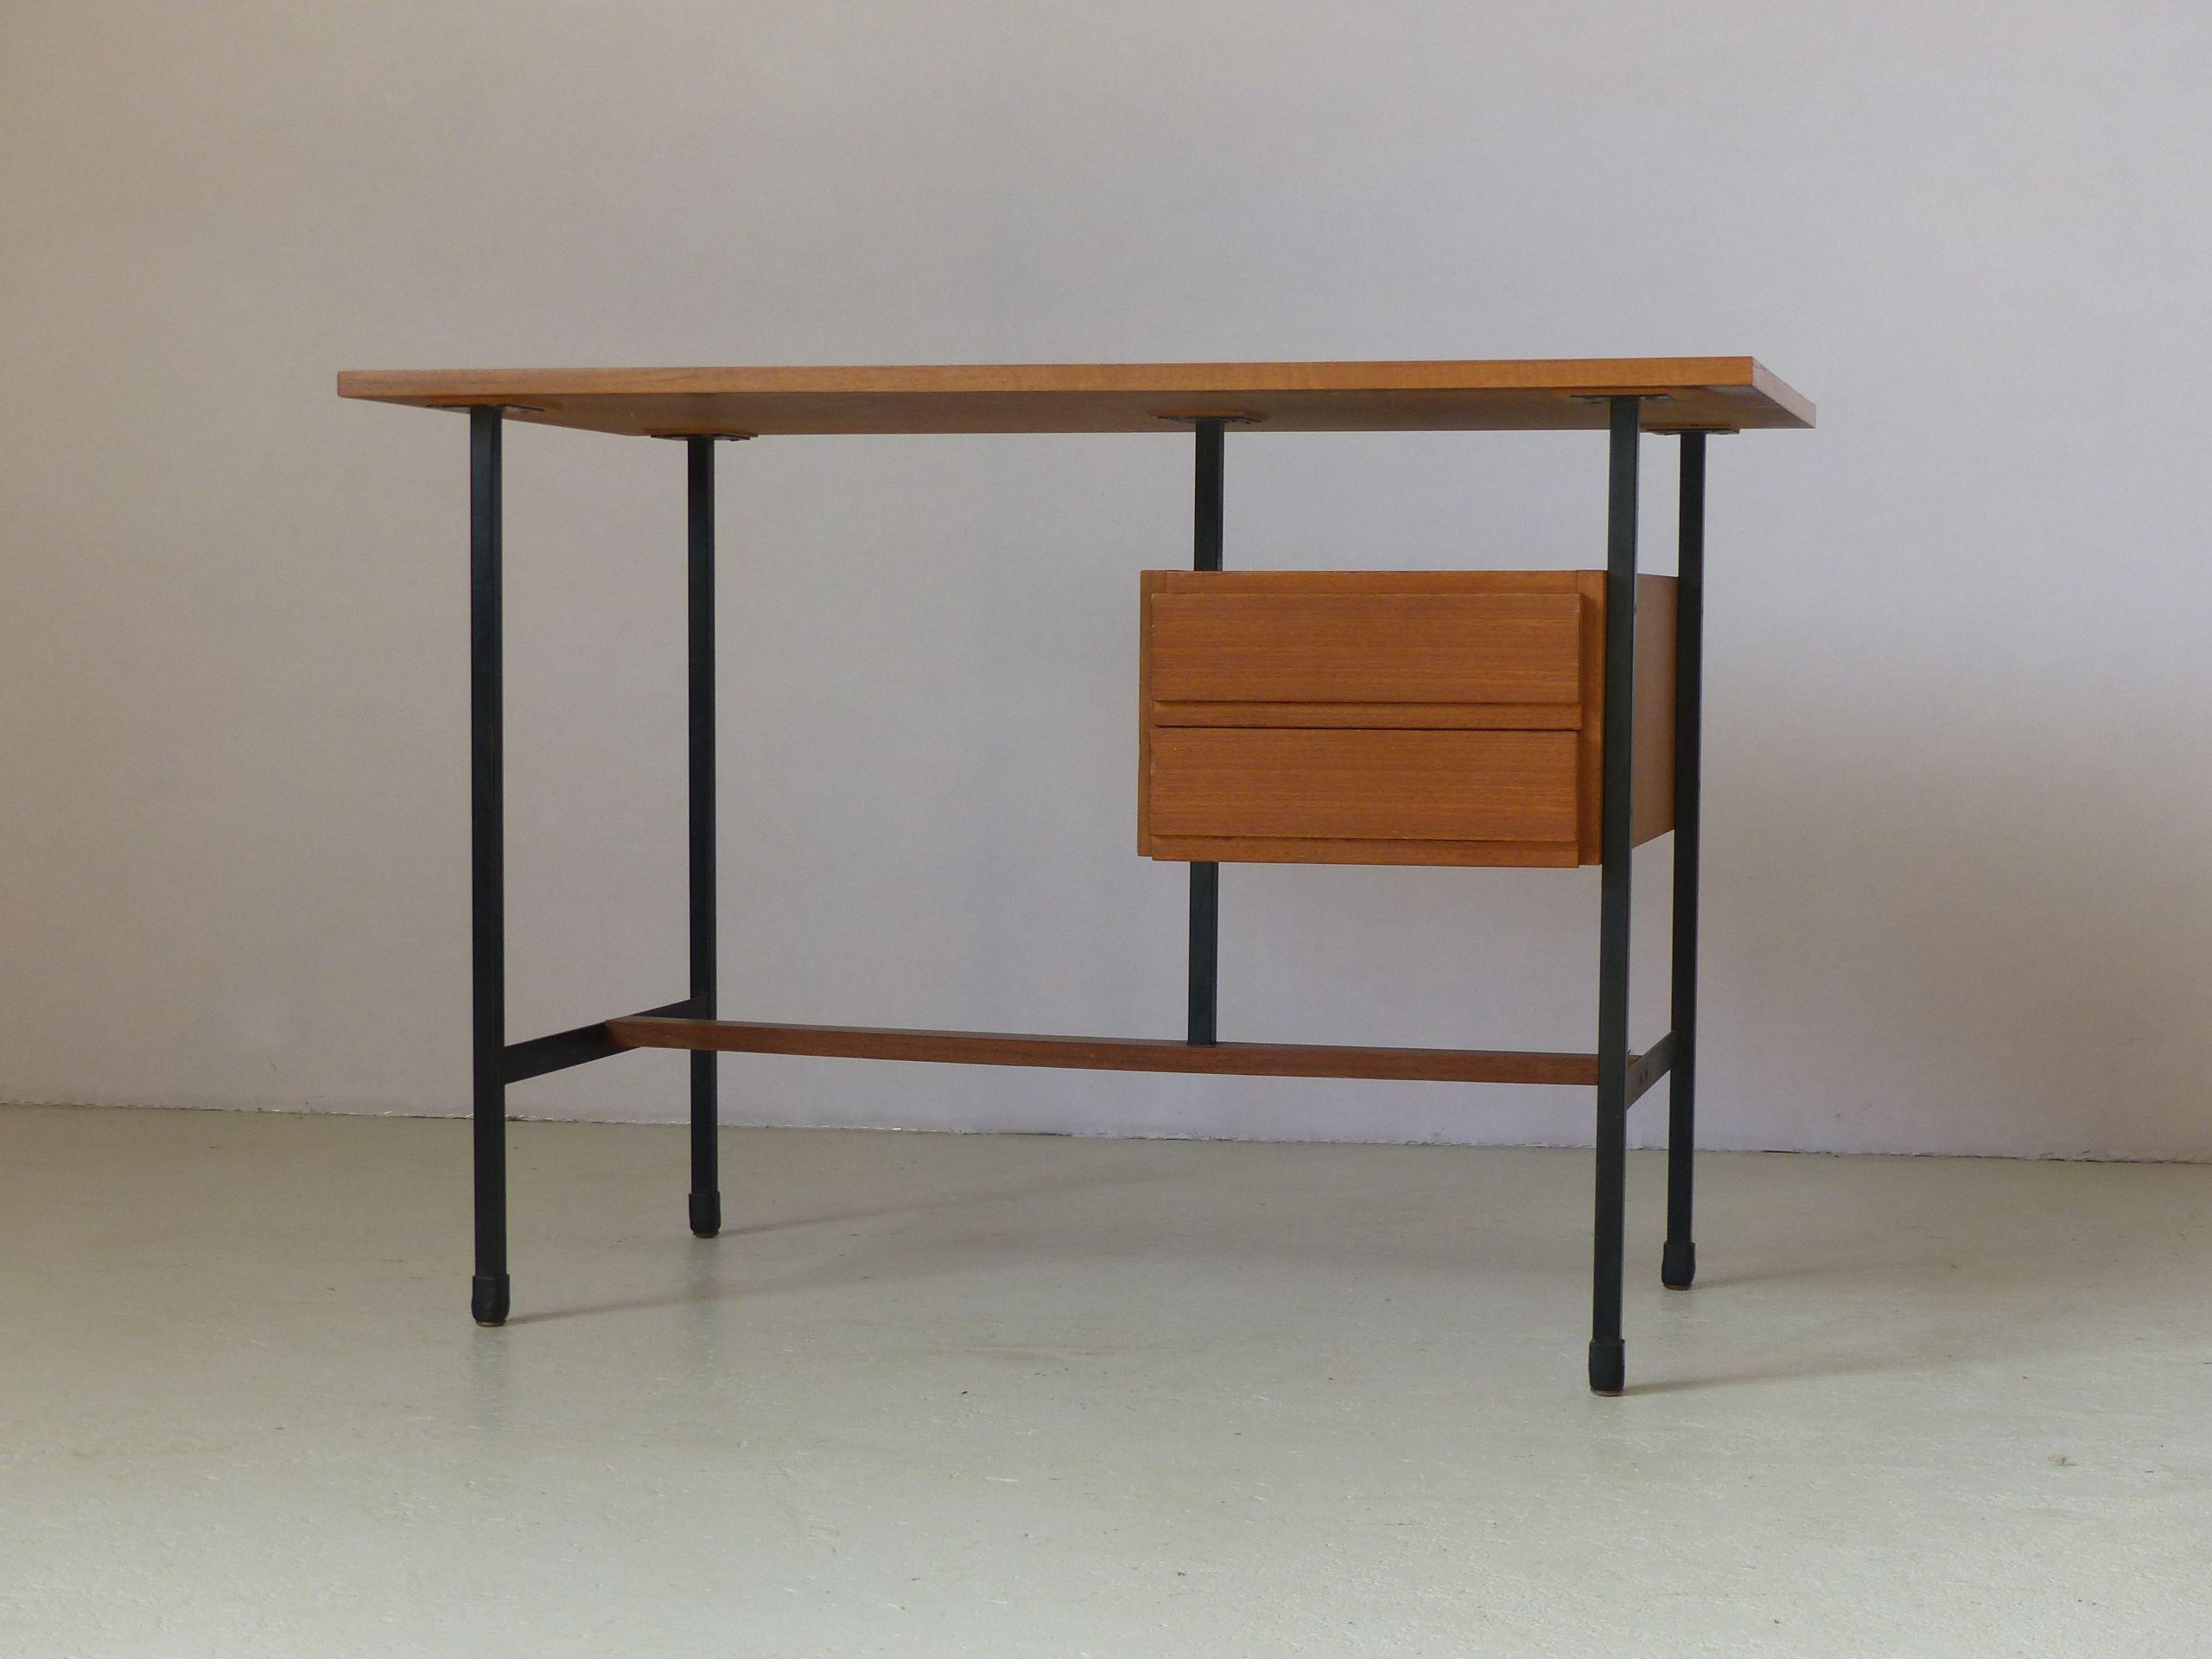 Petit bureau vintage en teck tiroirs piétement en métal laqué